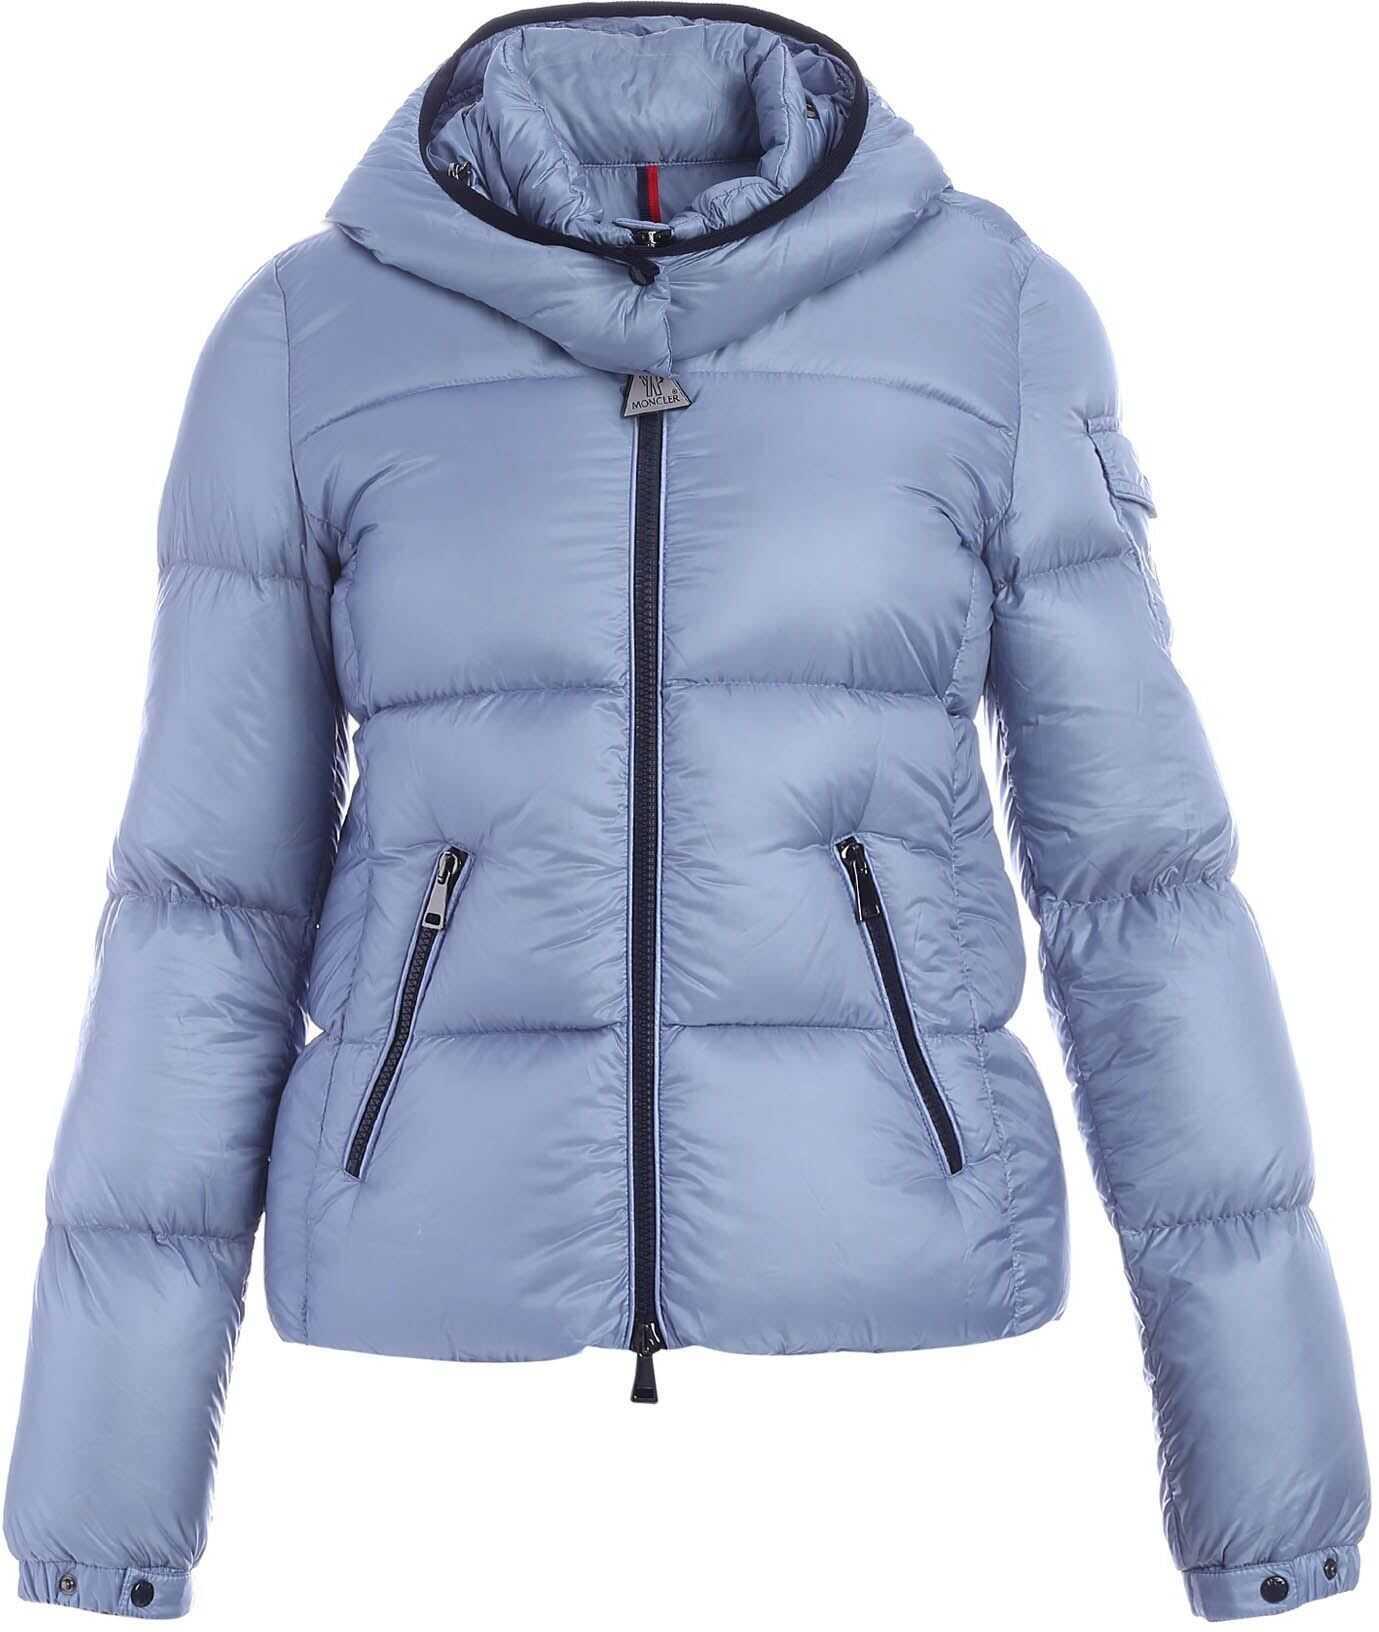 Moncler Fourmi Down Jacket In Pale Blue Color Light Blue